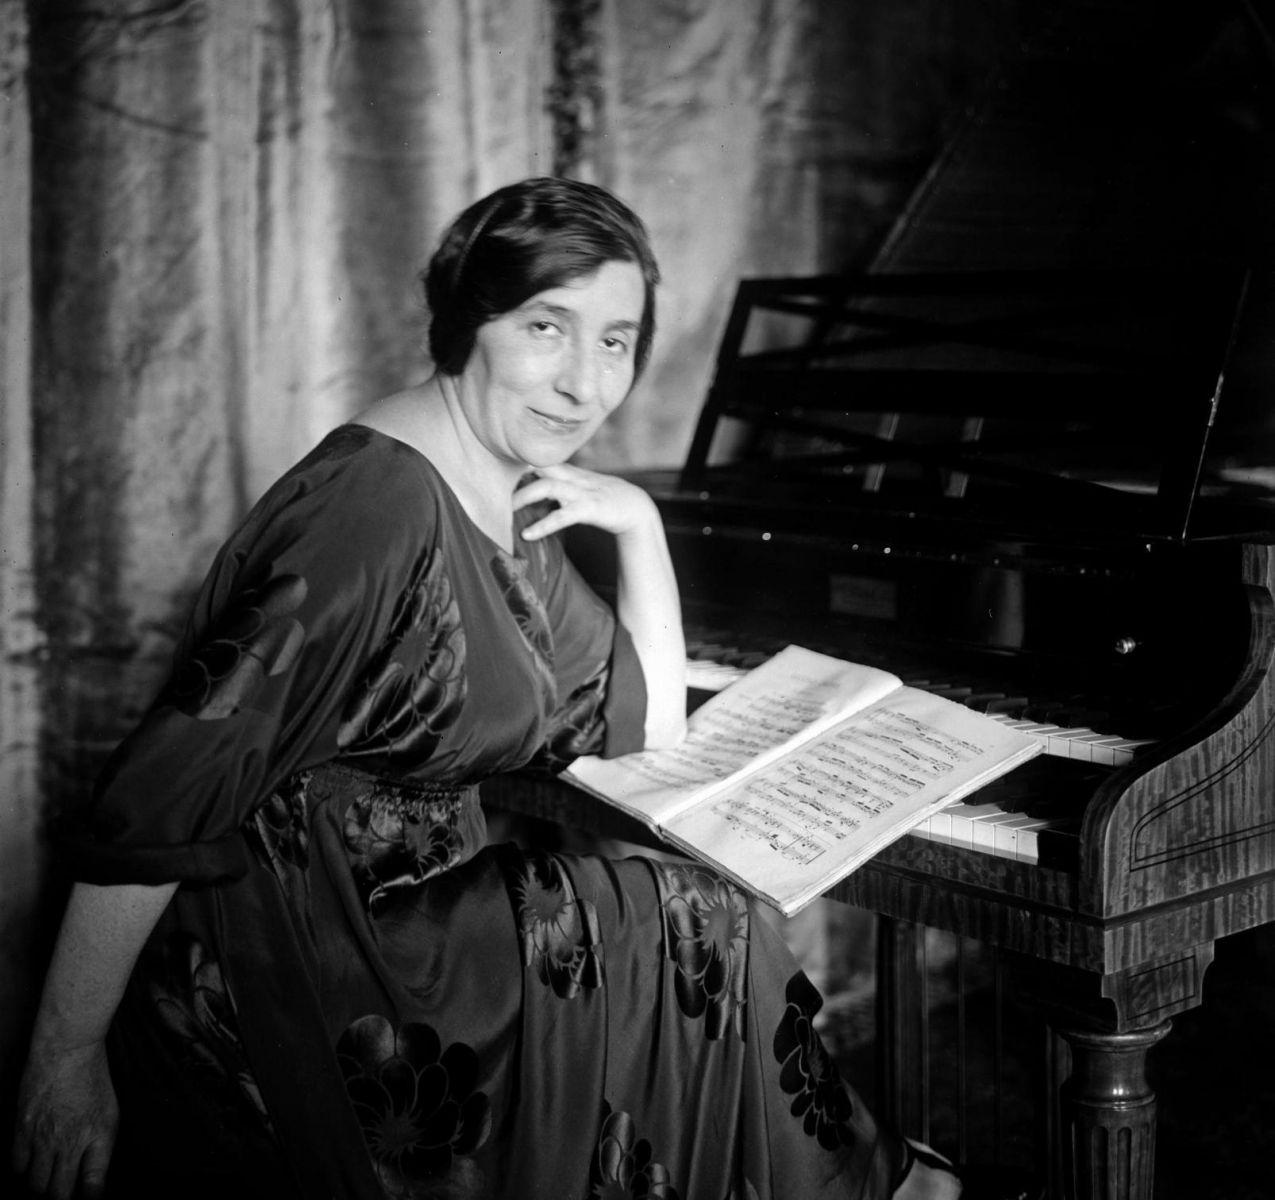 Violonista Monina Tavora tem gravações e fotos raras descobertas em seu centenário - (Foto Wanda Landowska)